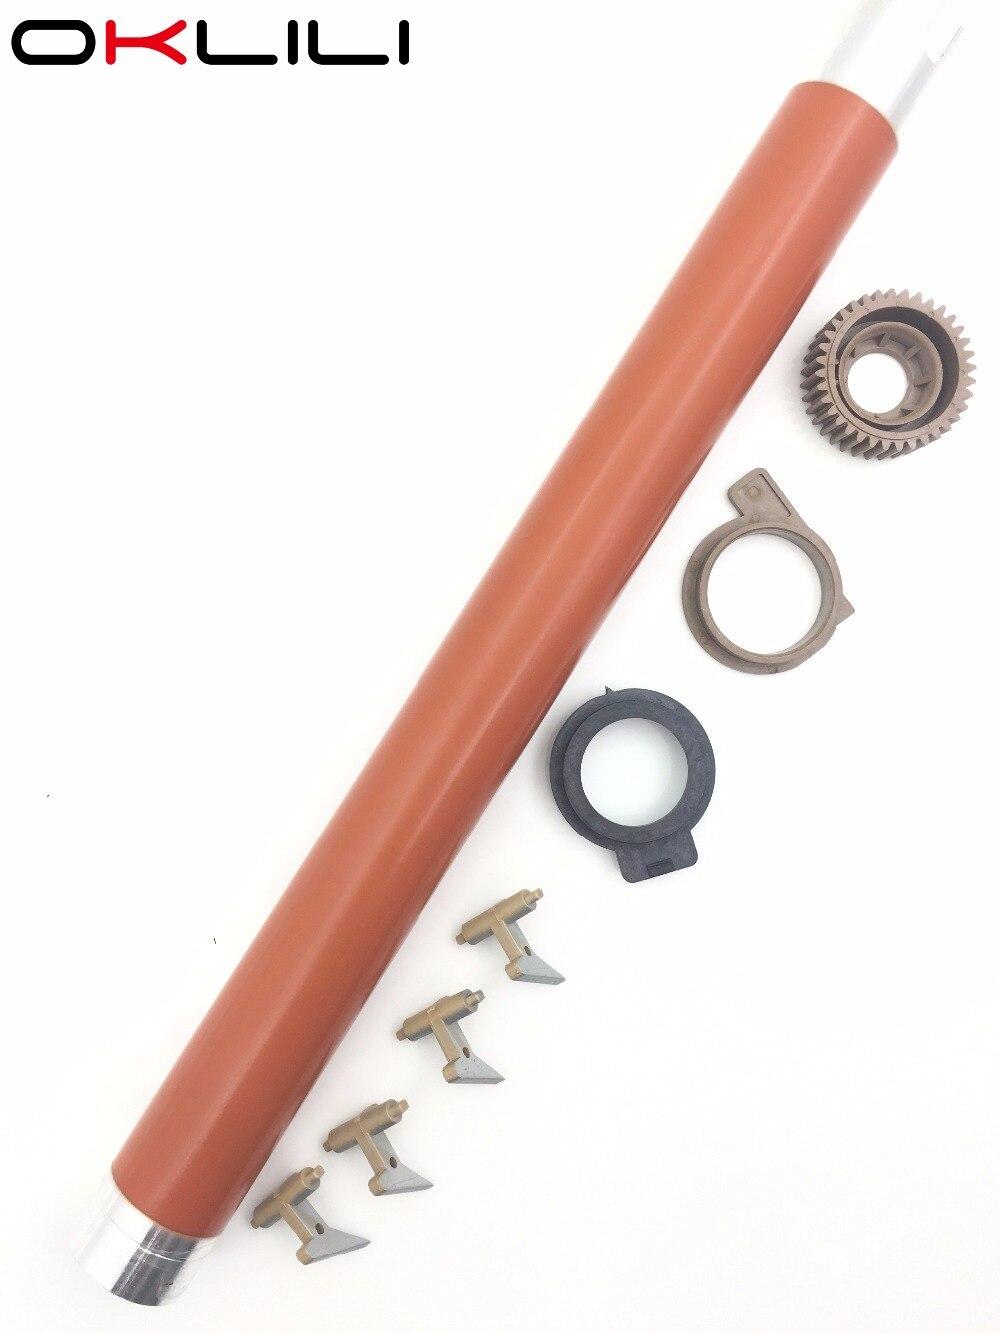 5SET X Upper Heat Roller Bushing Gear Finger for Kyocera FS1028 FS1128 FS1350 FS2000 KM2810 KM2820